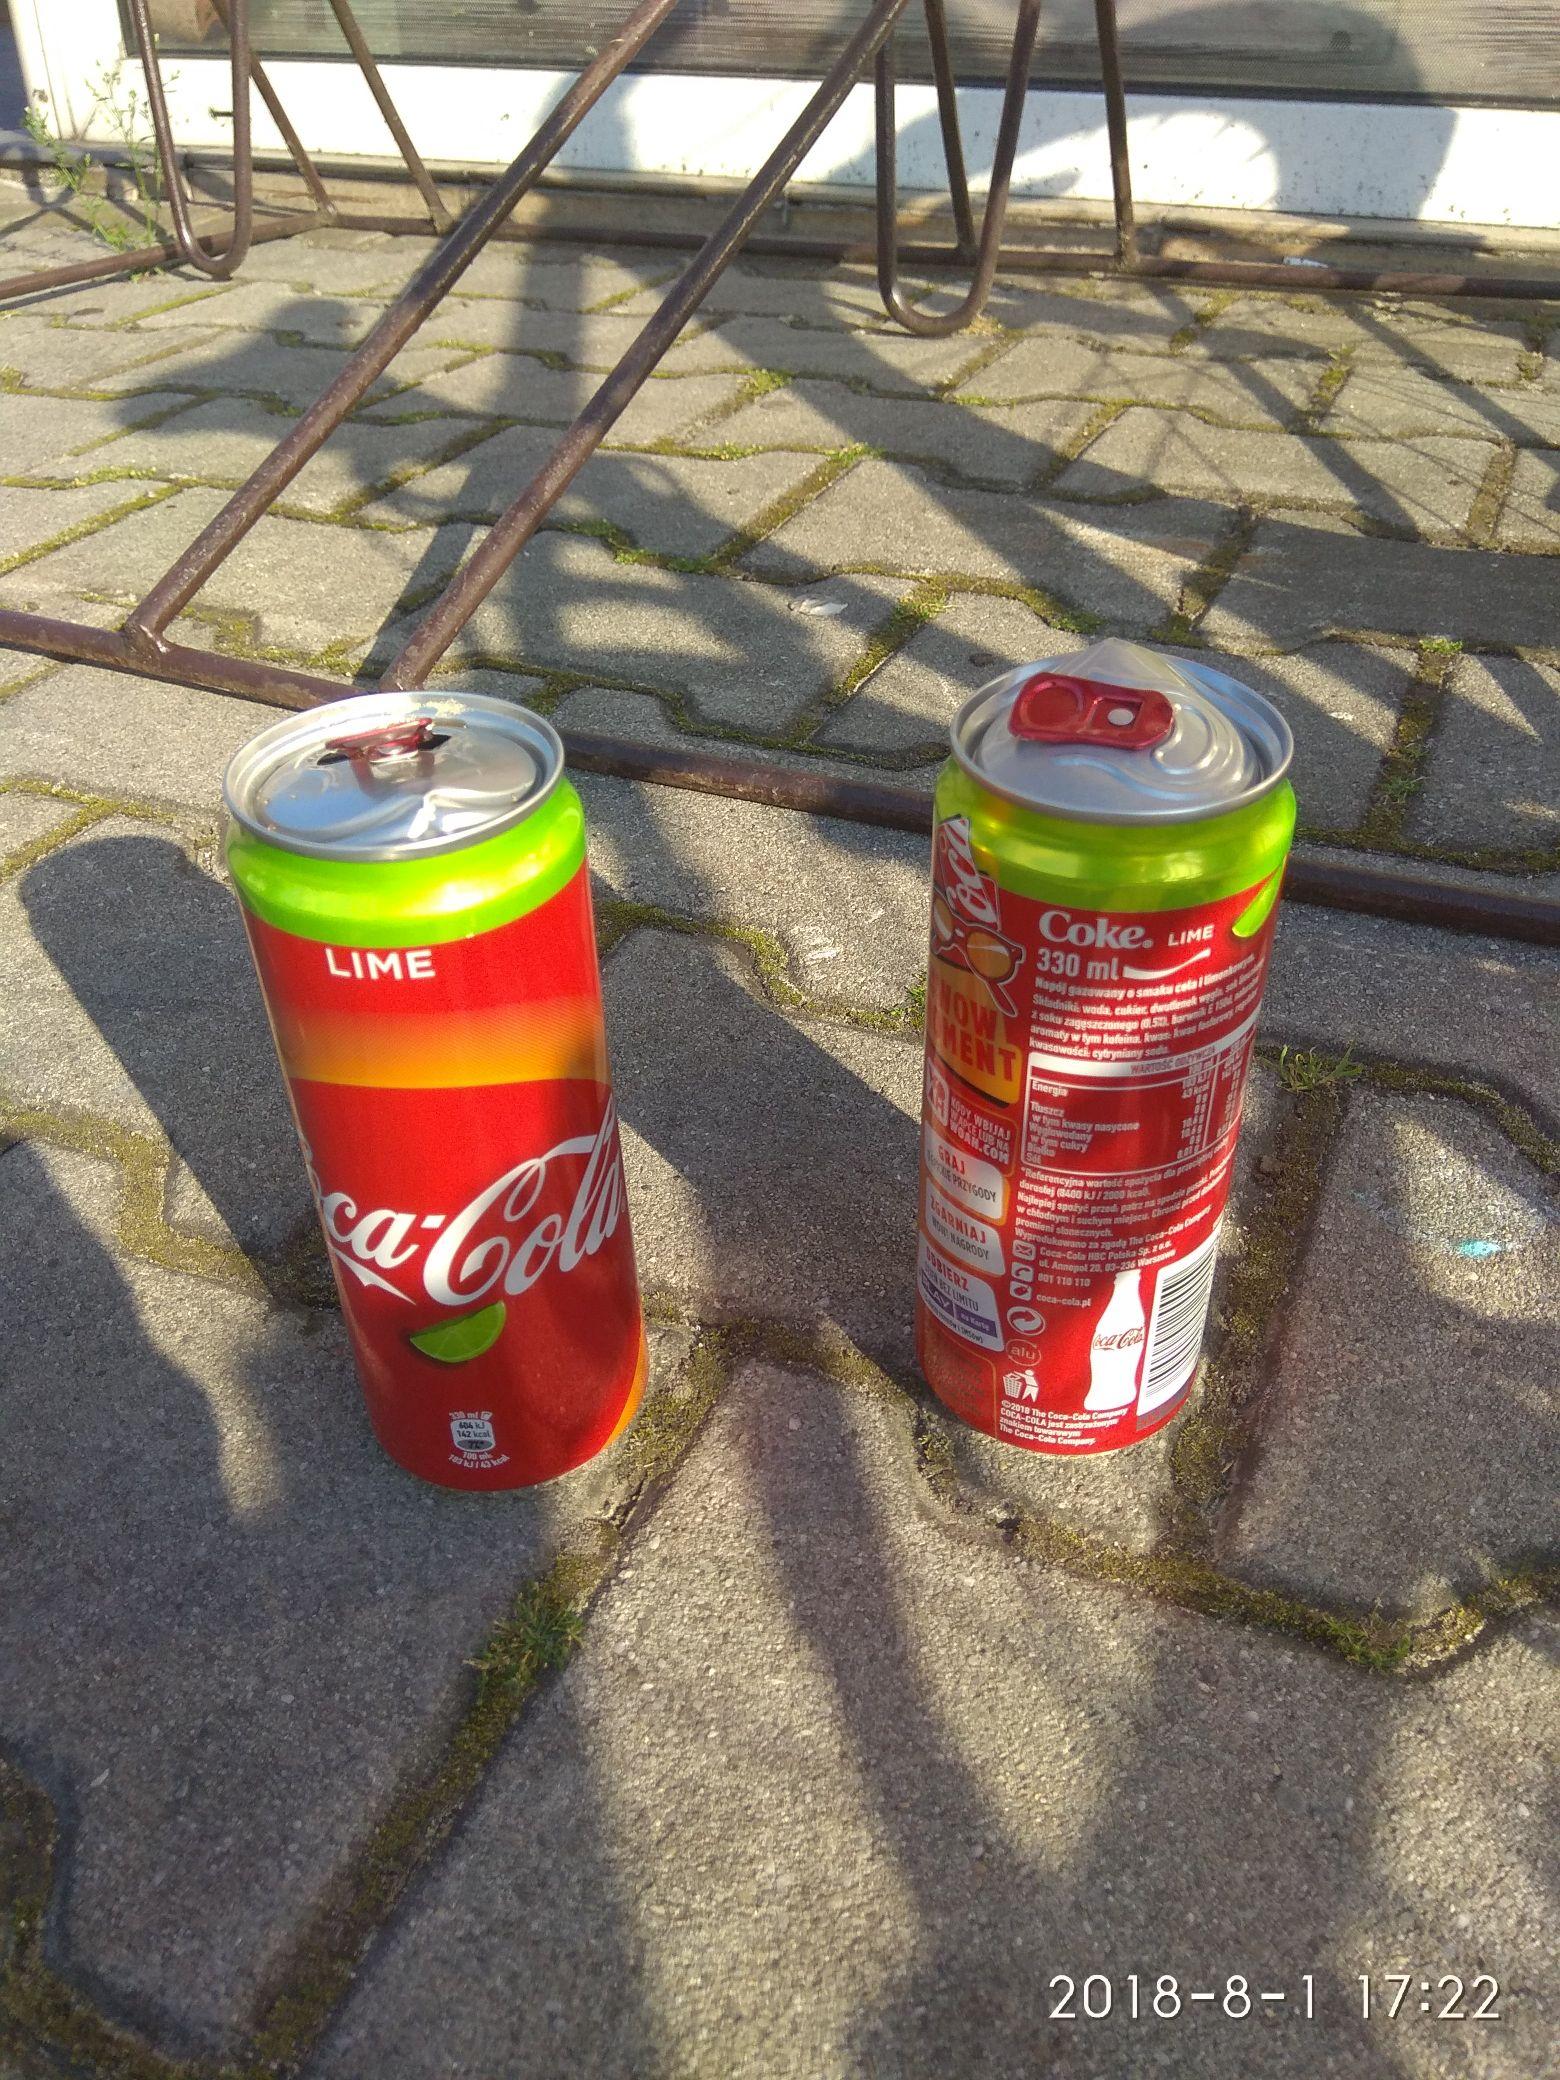 Promocja na Górkach (śląskie ) - 2 puszki COCA-COLI za 2.20